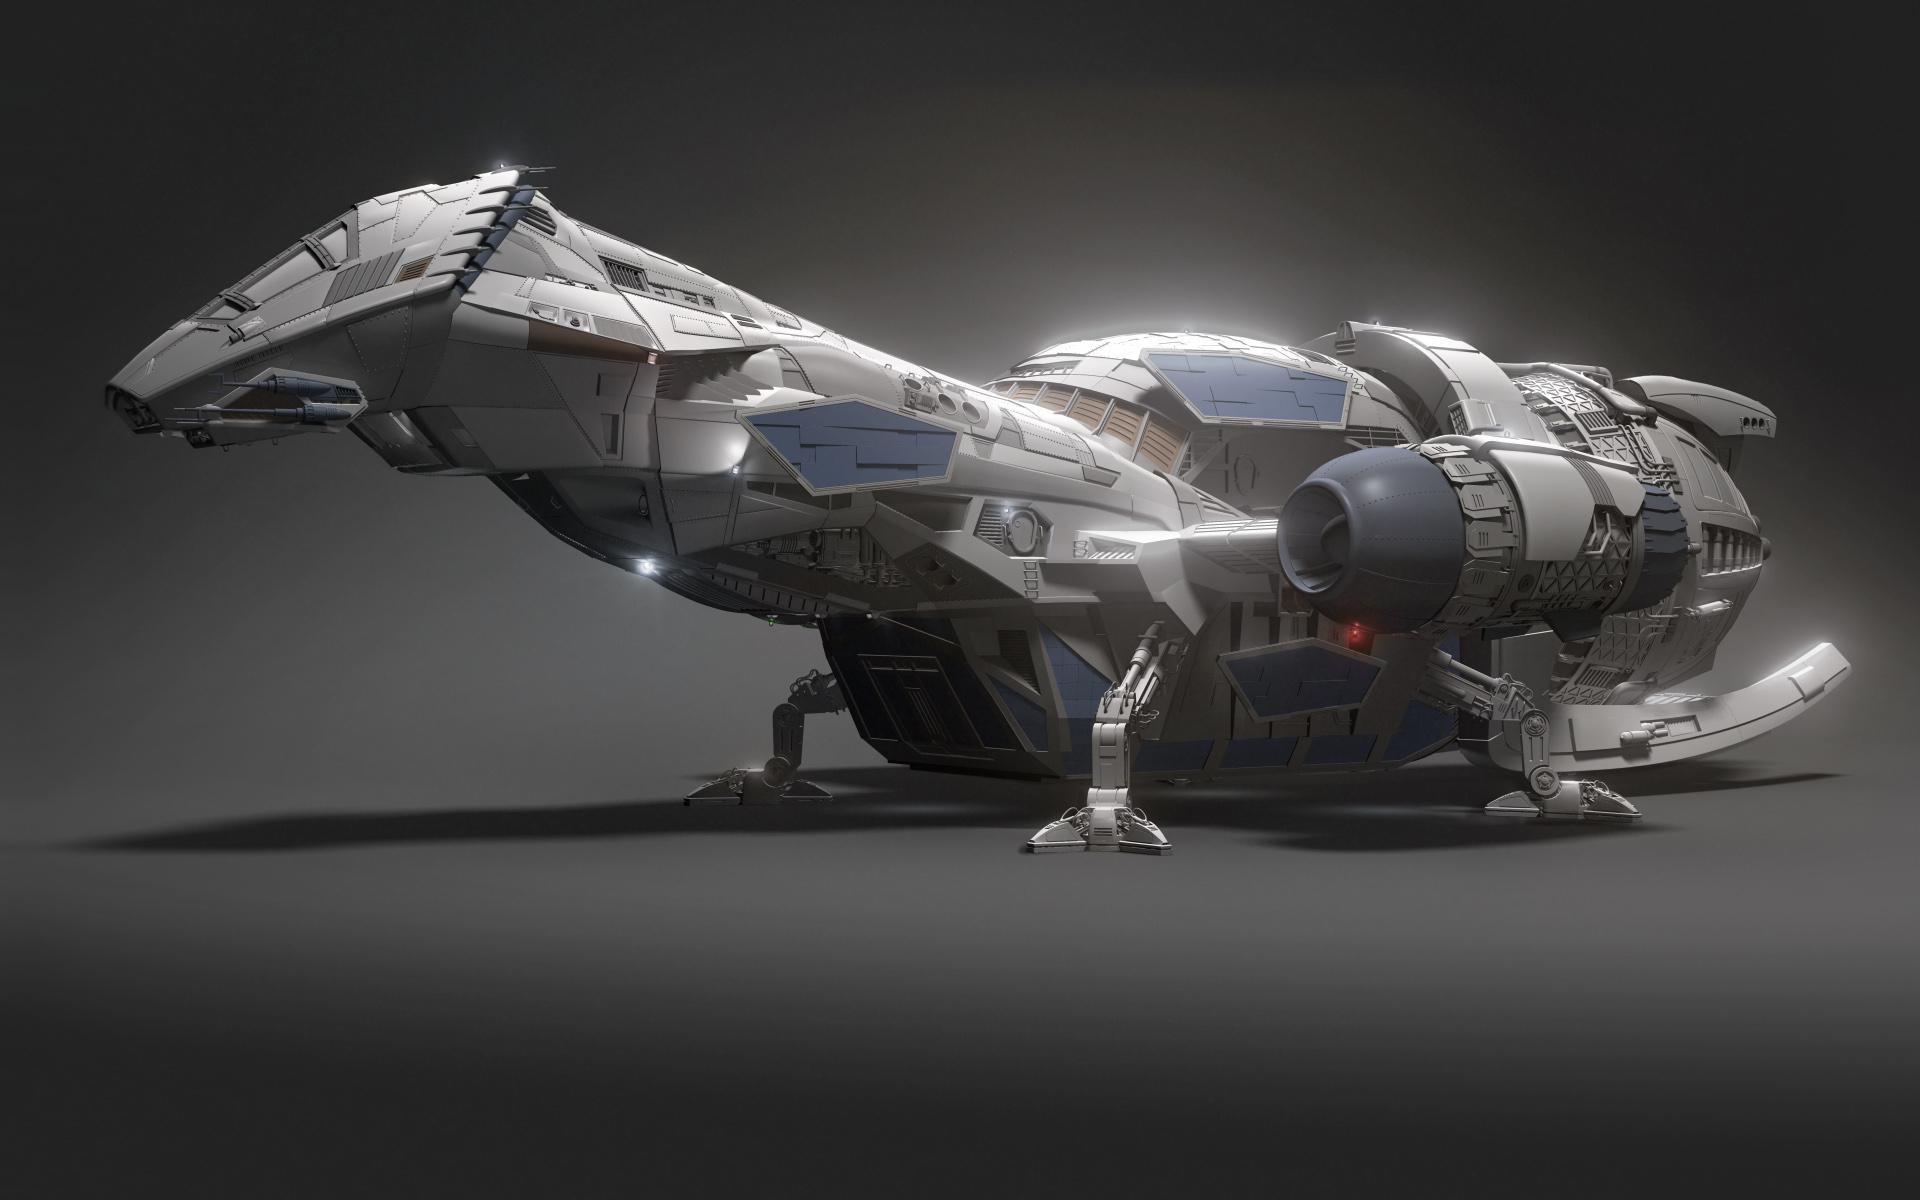 serenity - Firefly, c'est pas de la crotte finalement!